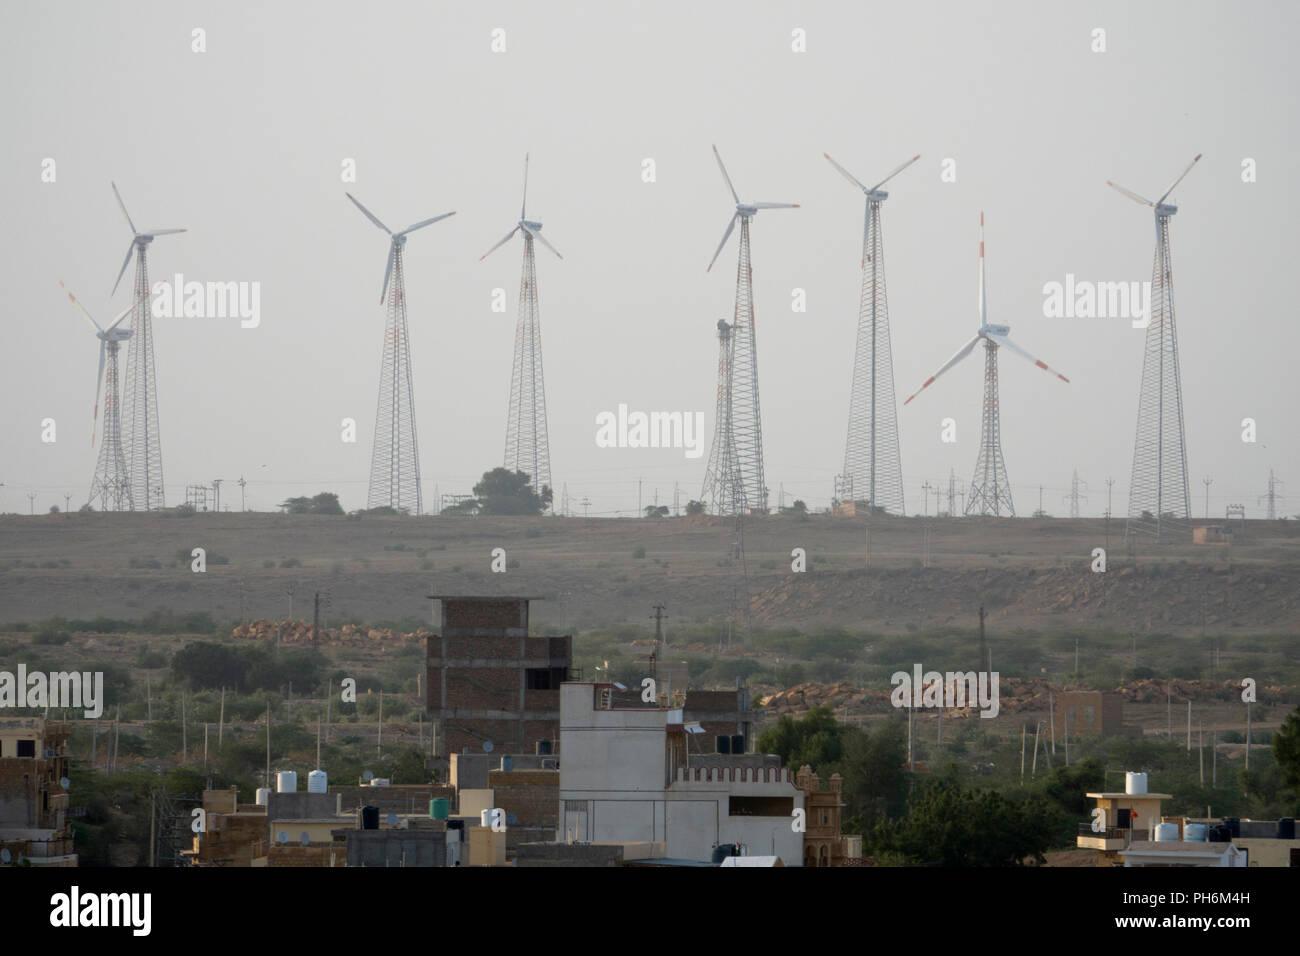 Le turbine eoliche di fattoria eolica nel deserto di Thar vicino a Jaisalmer, Rajasthan, India Immagini Stock